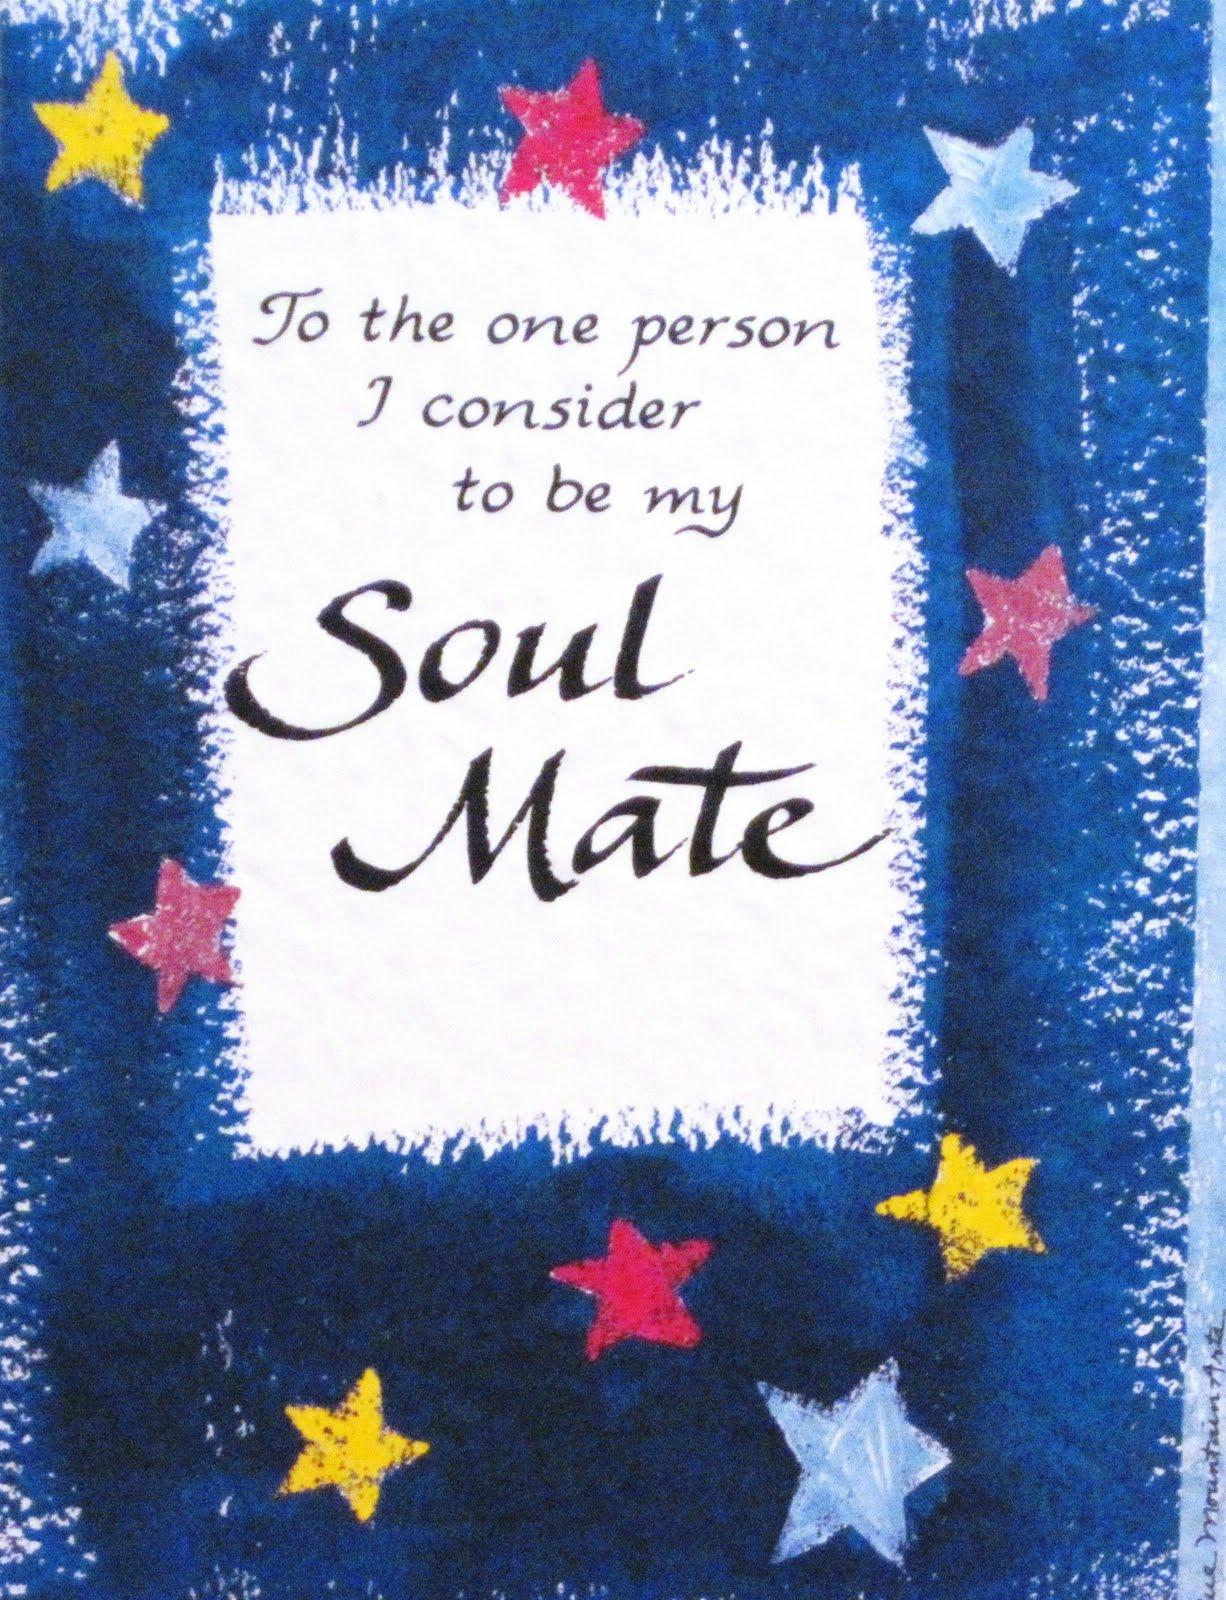 hallmark inspirational quotes quotesgram